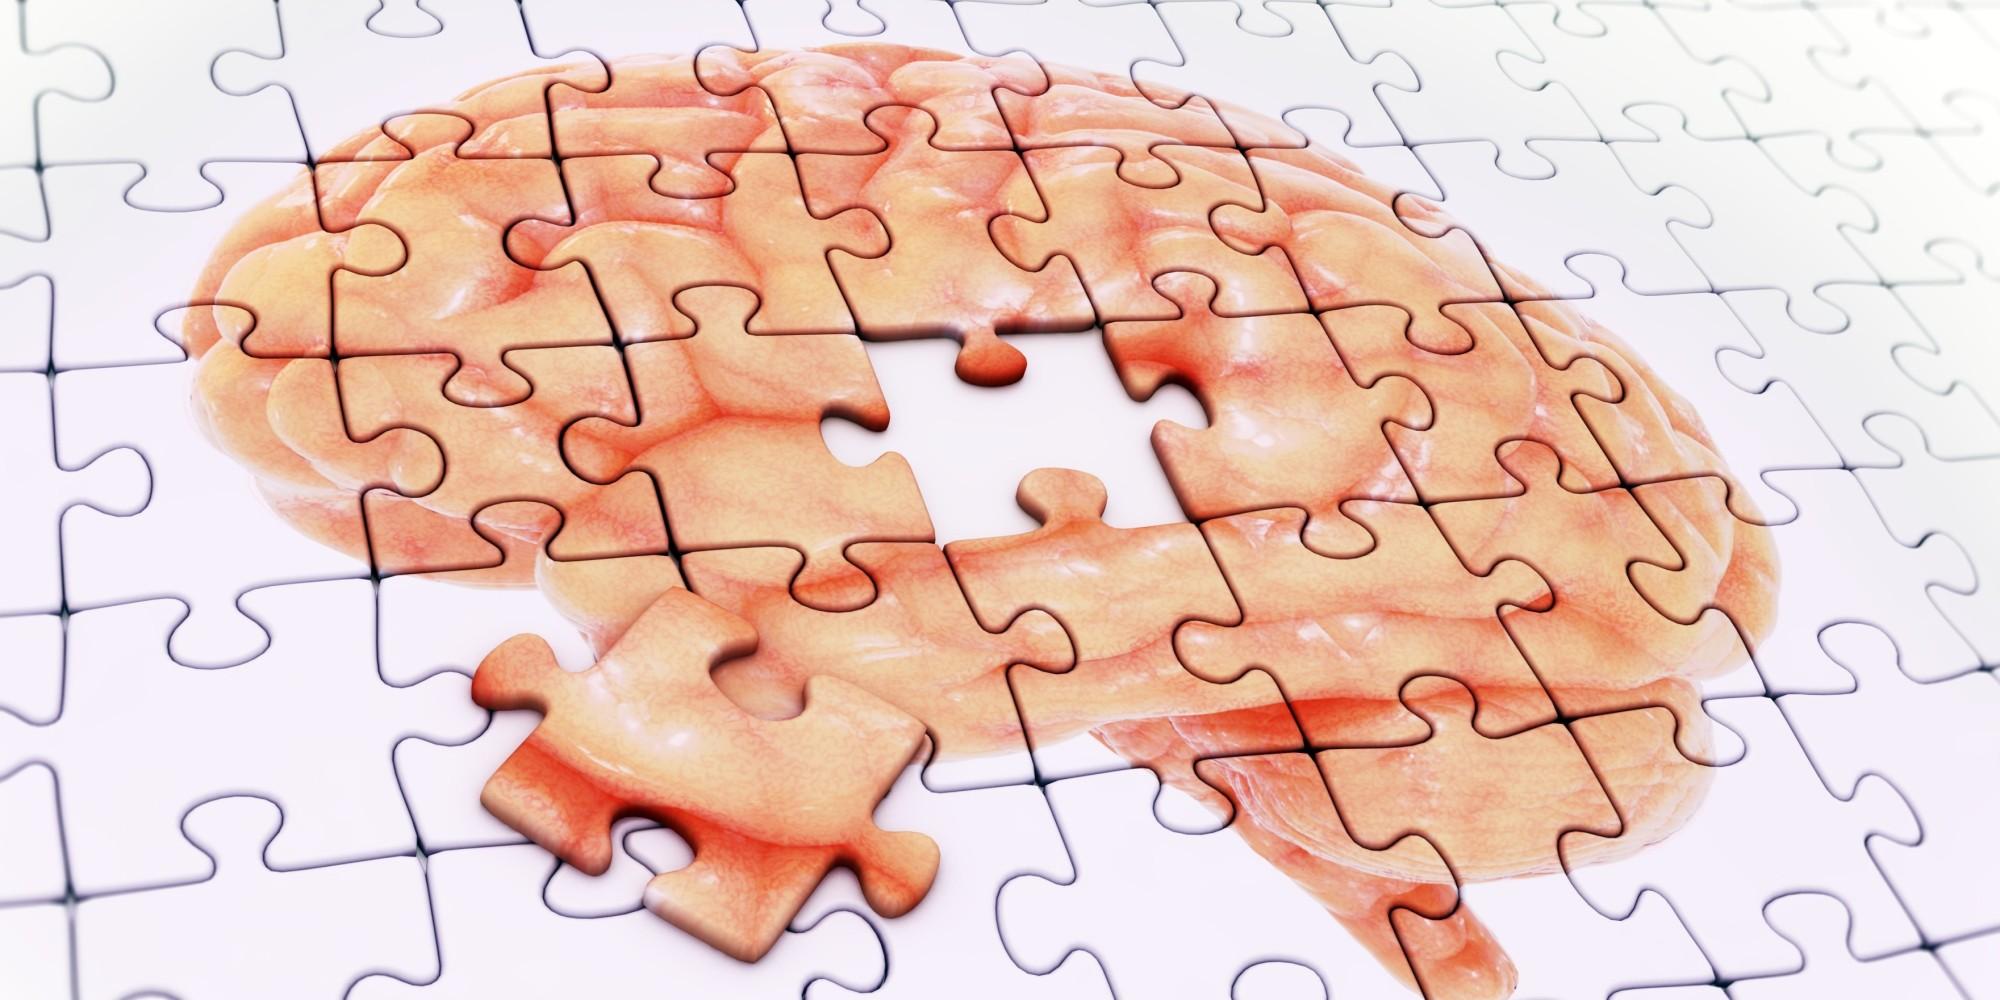 Нарушение когнитивных функций